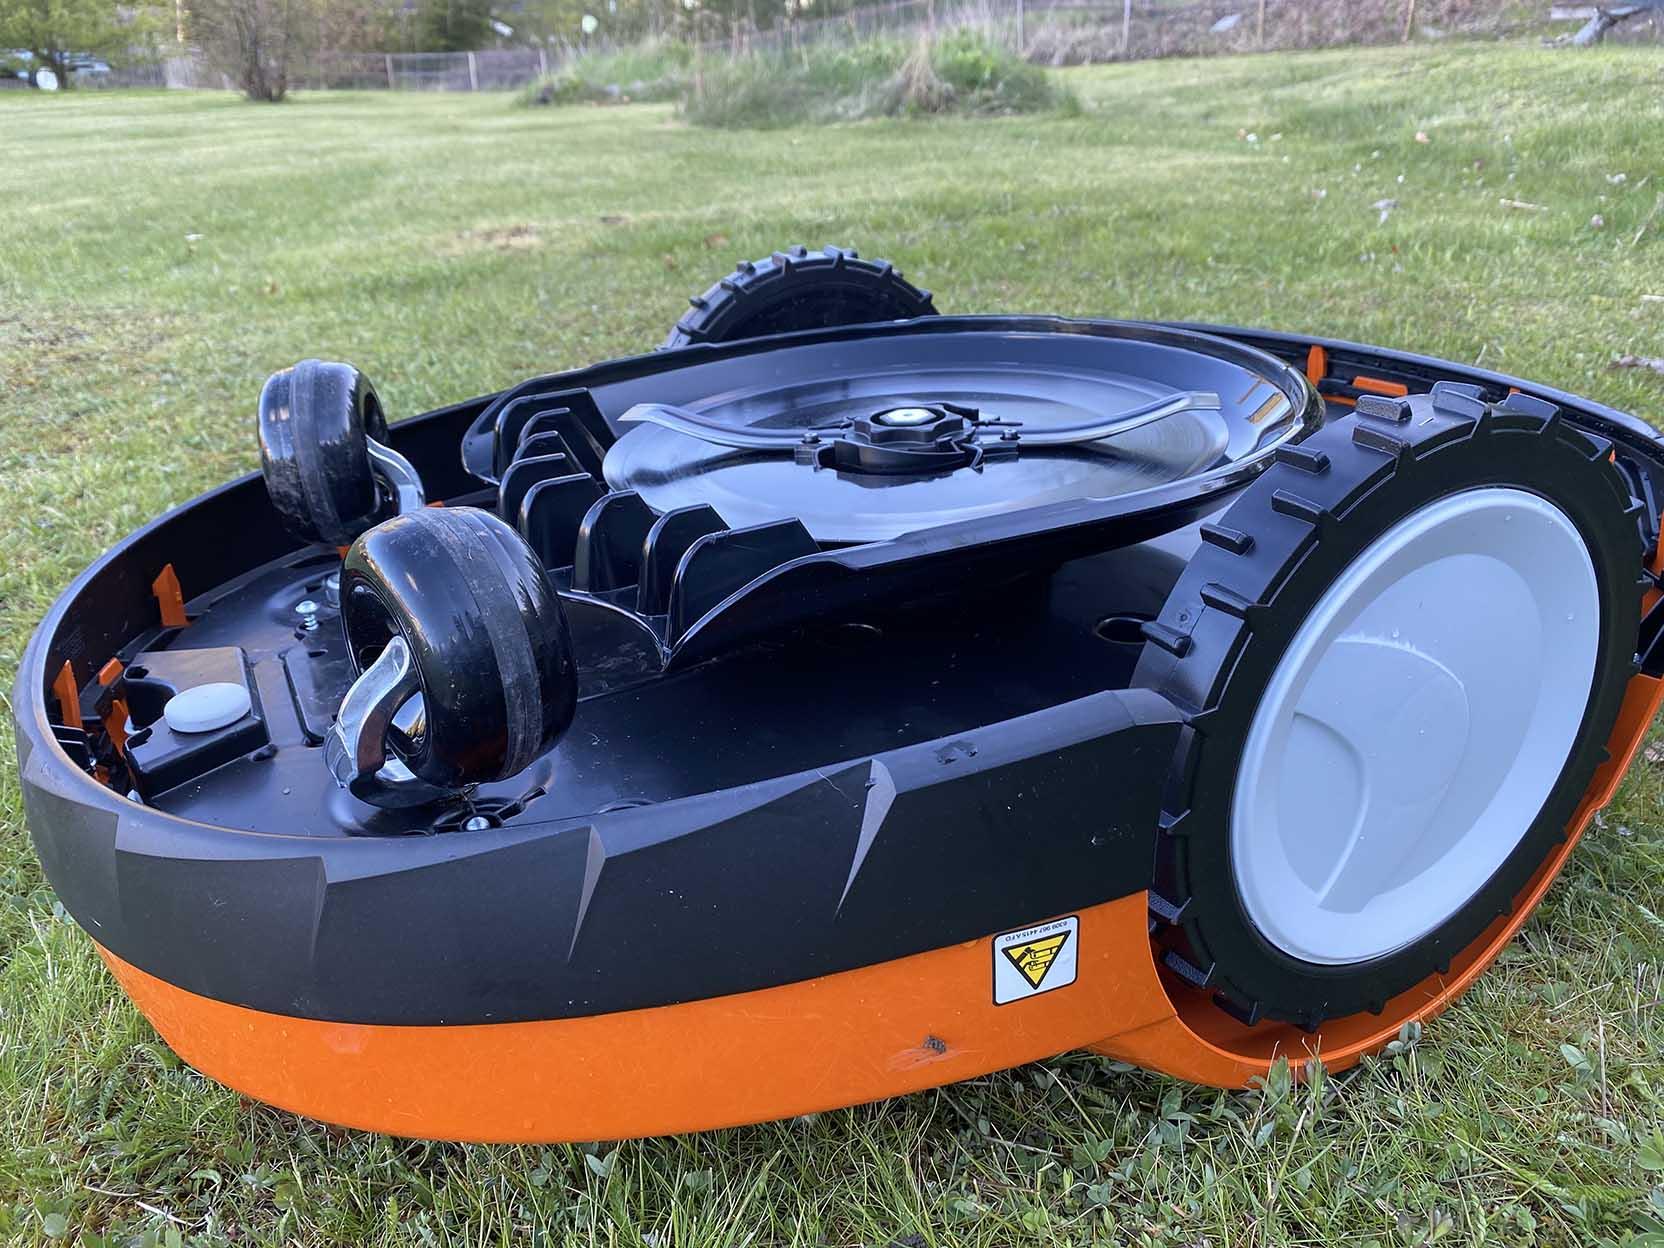 Undersidan av robotgräsklipparen Stihl RMI 632 PC består av fyra hjul och en knivdisk med fast kniv